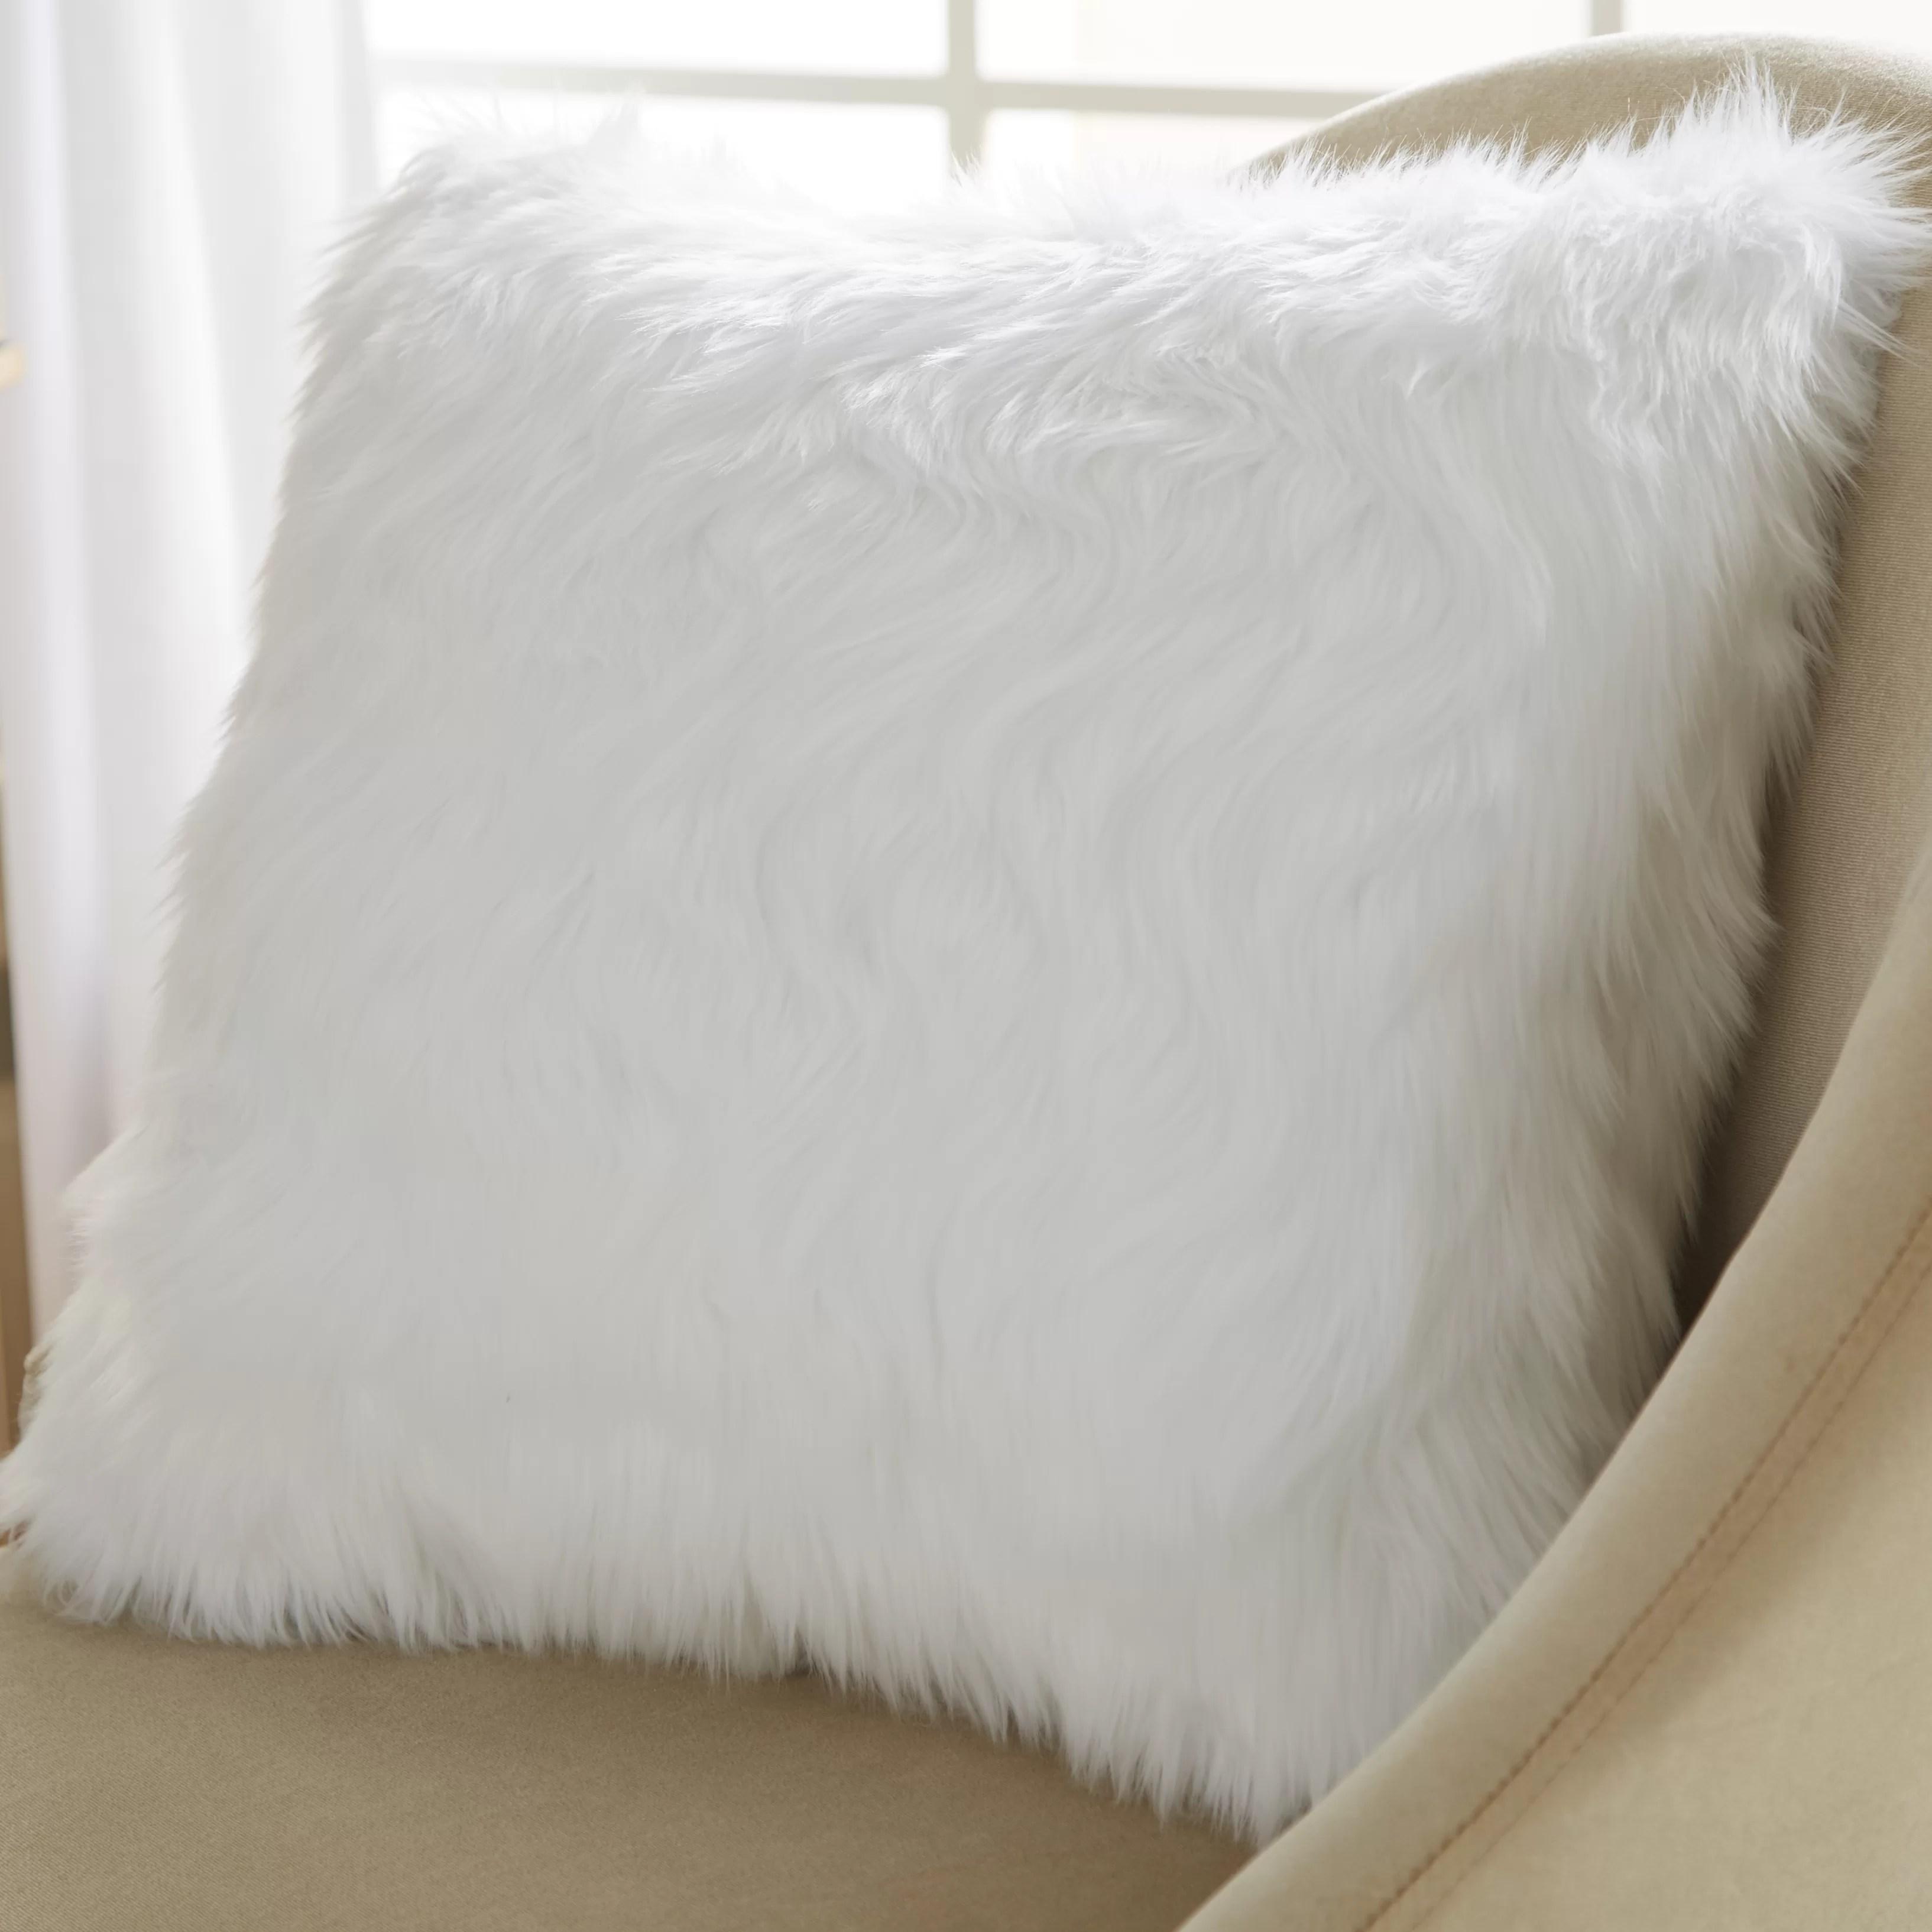 House of Hampton Faux Fur Throw Pillow  Reviews  Wayfair